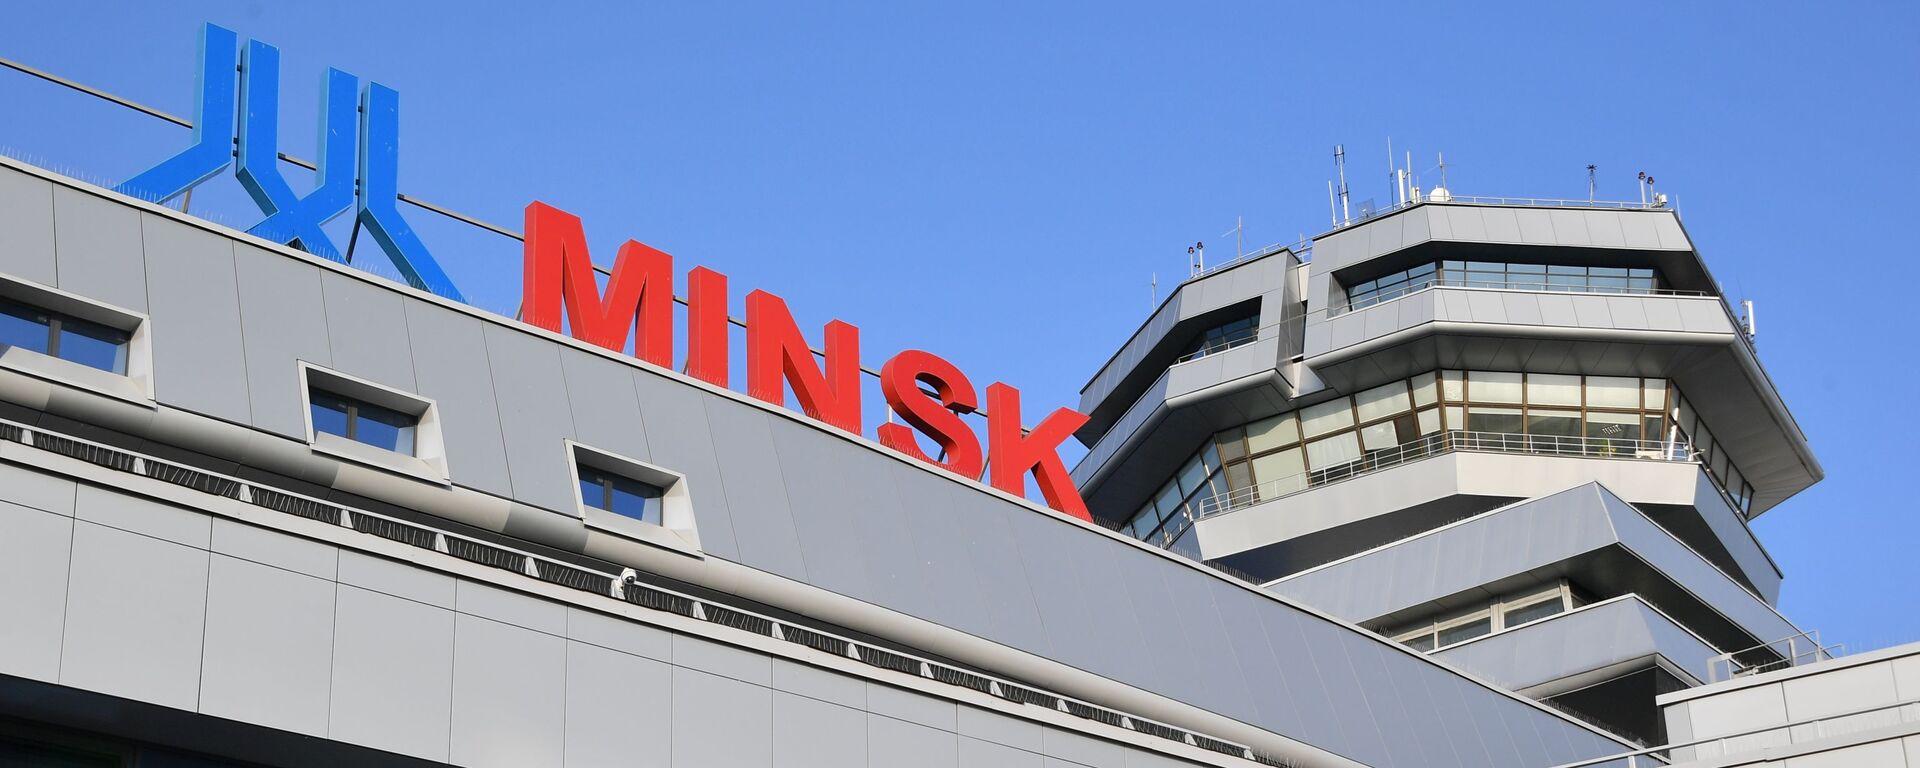 """Wieża kontrolna na lotnisku narodowym """"Mińsk. - Sputnik Polska, 1920, 29.08.2021"""